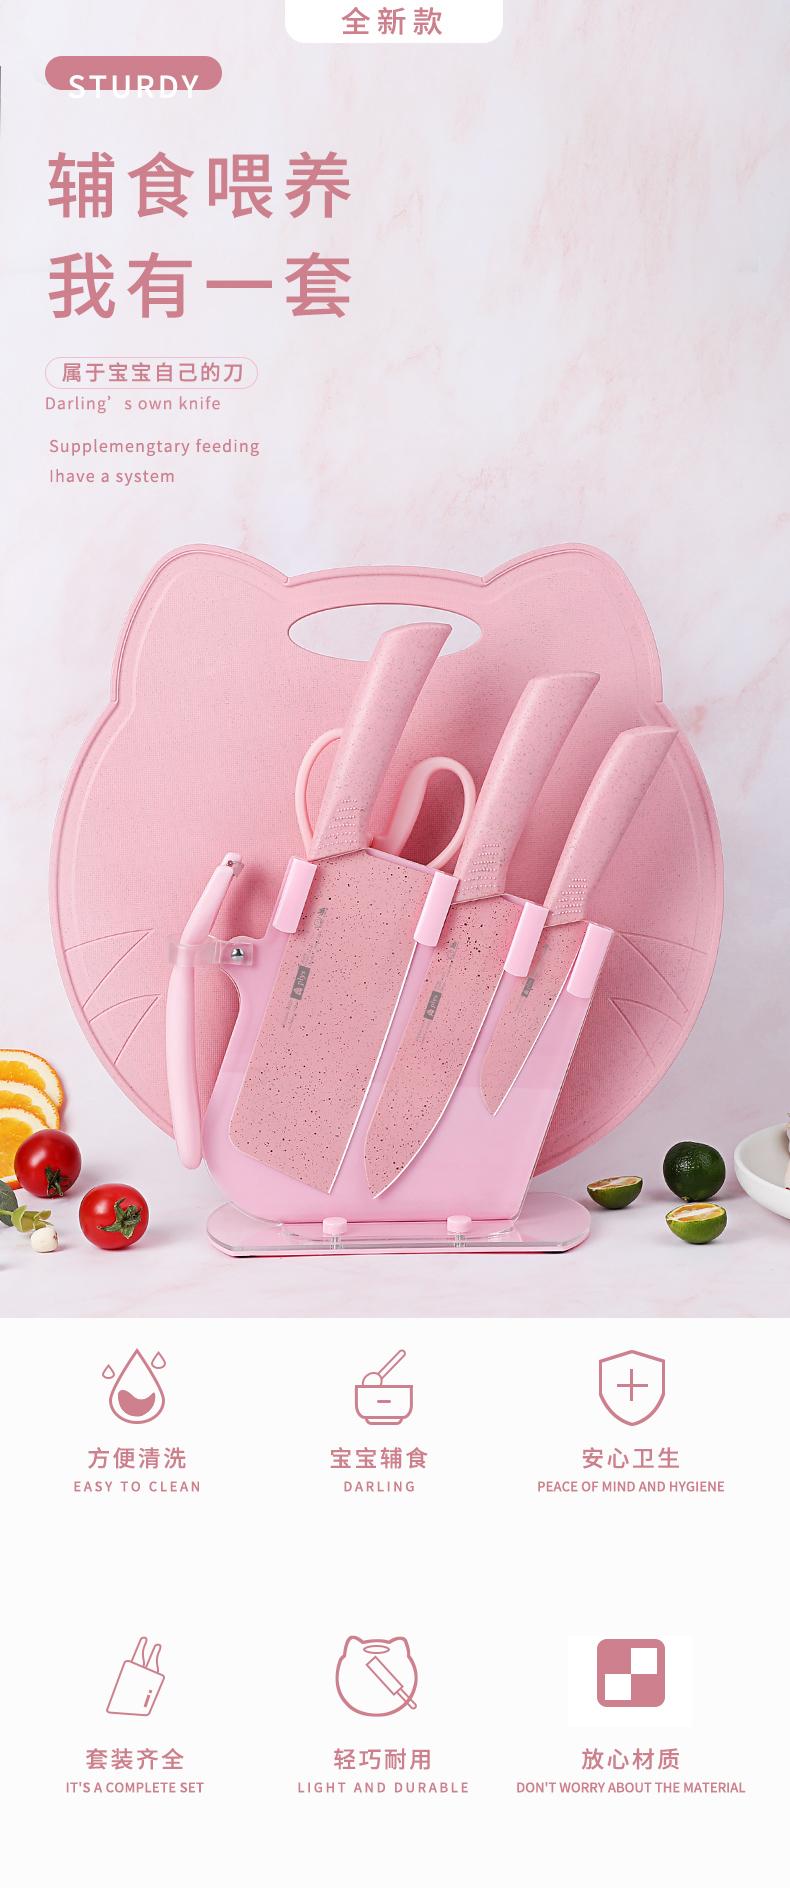 婴儿宝宝副食品刀具套组厨房菜刀菜板二合一家用全套切水果工具组合详细照片